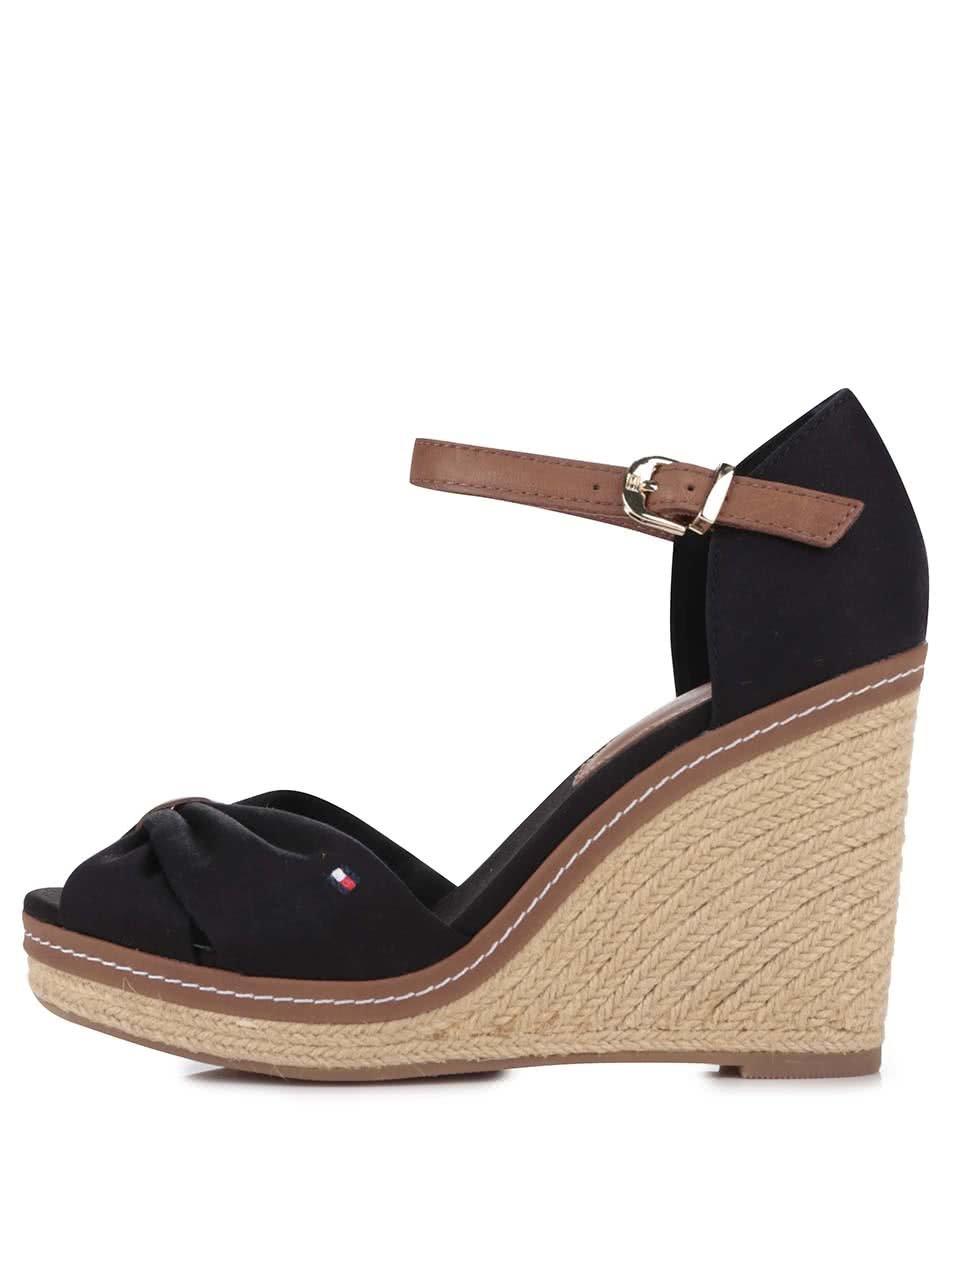 6e3acdecd8ad5 Čierne dámske topánky na platforme Tommy Hilfiger | ZOOT.sk